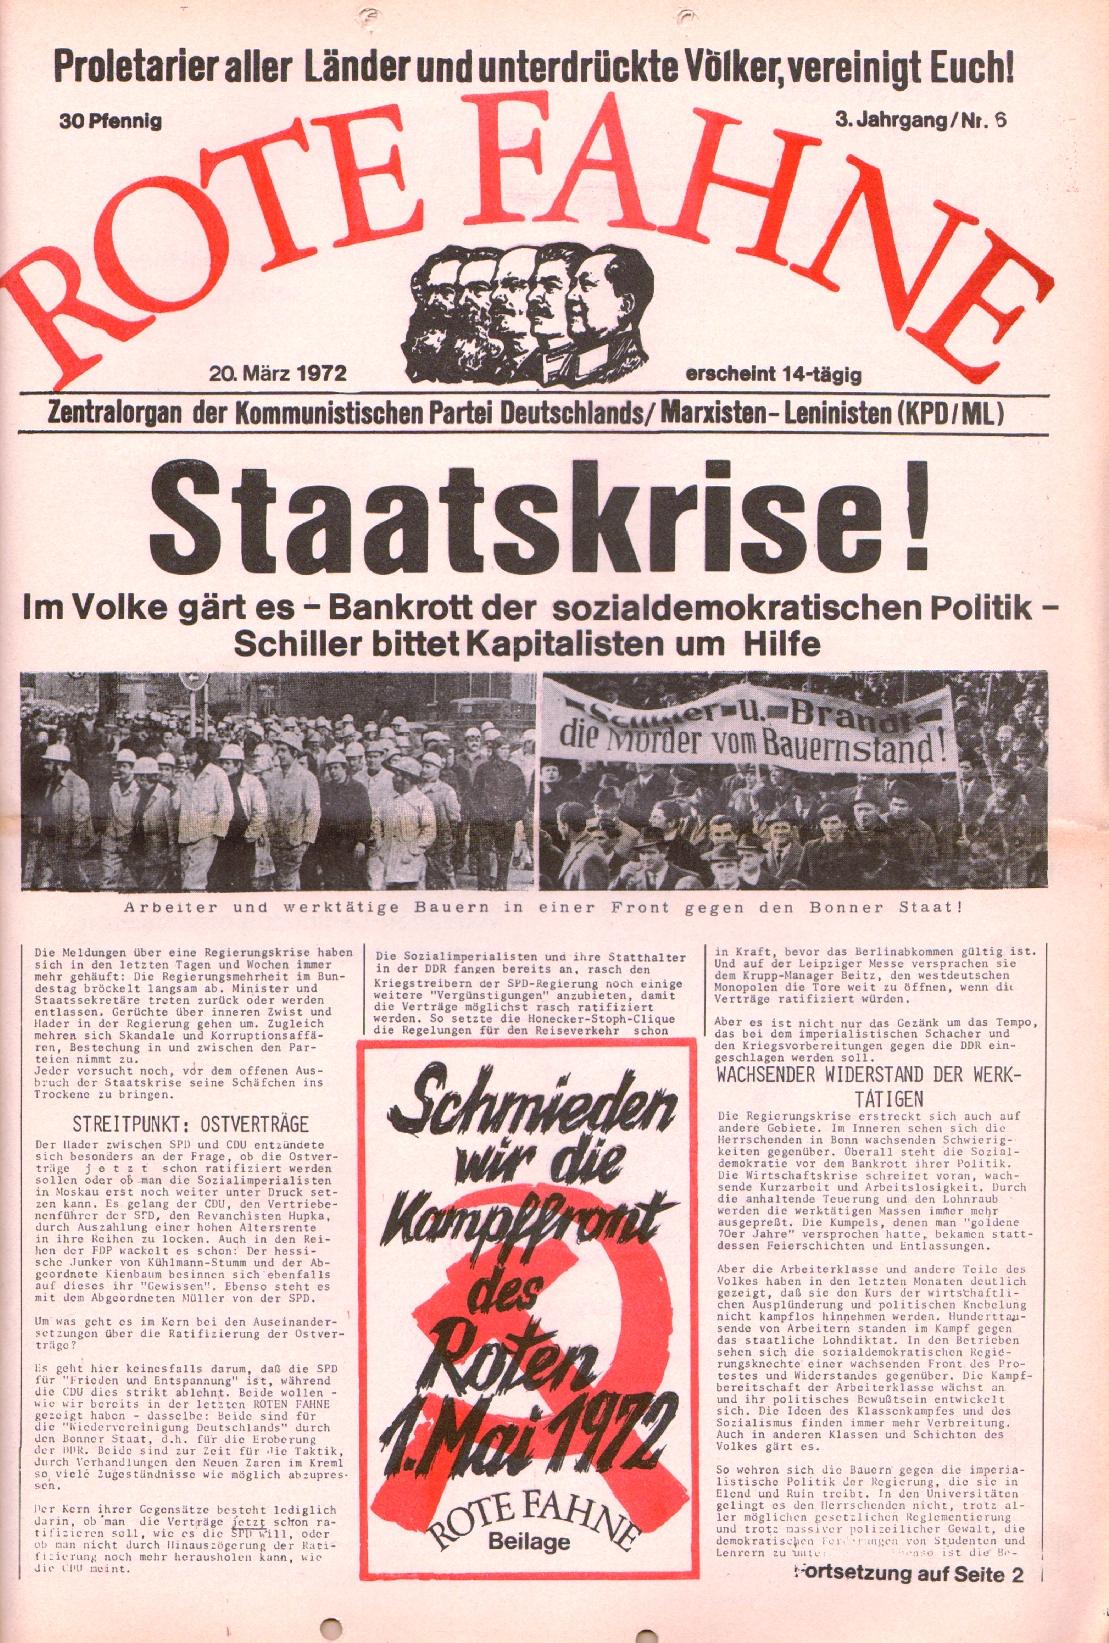 Rote Fahne, 3. Jg., 20.3.1972, Nr. 6, Seite 1